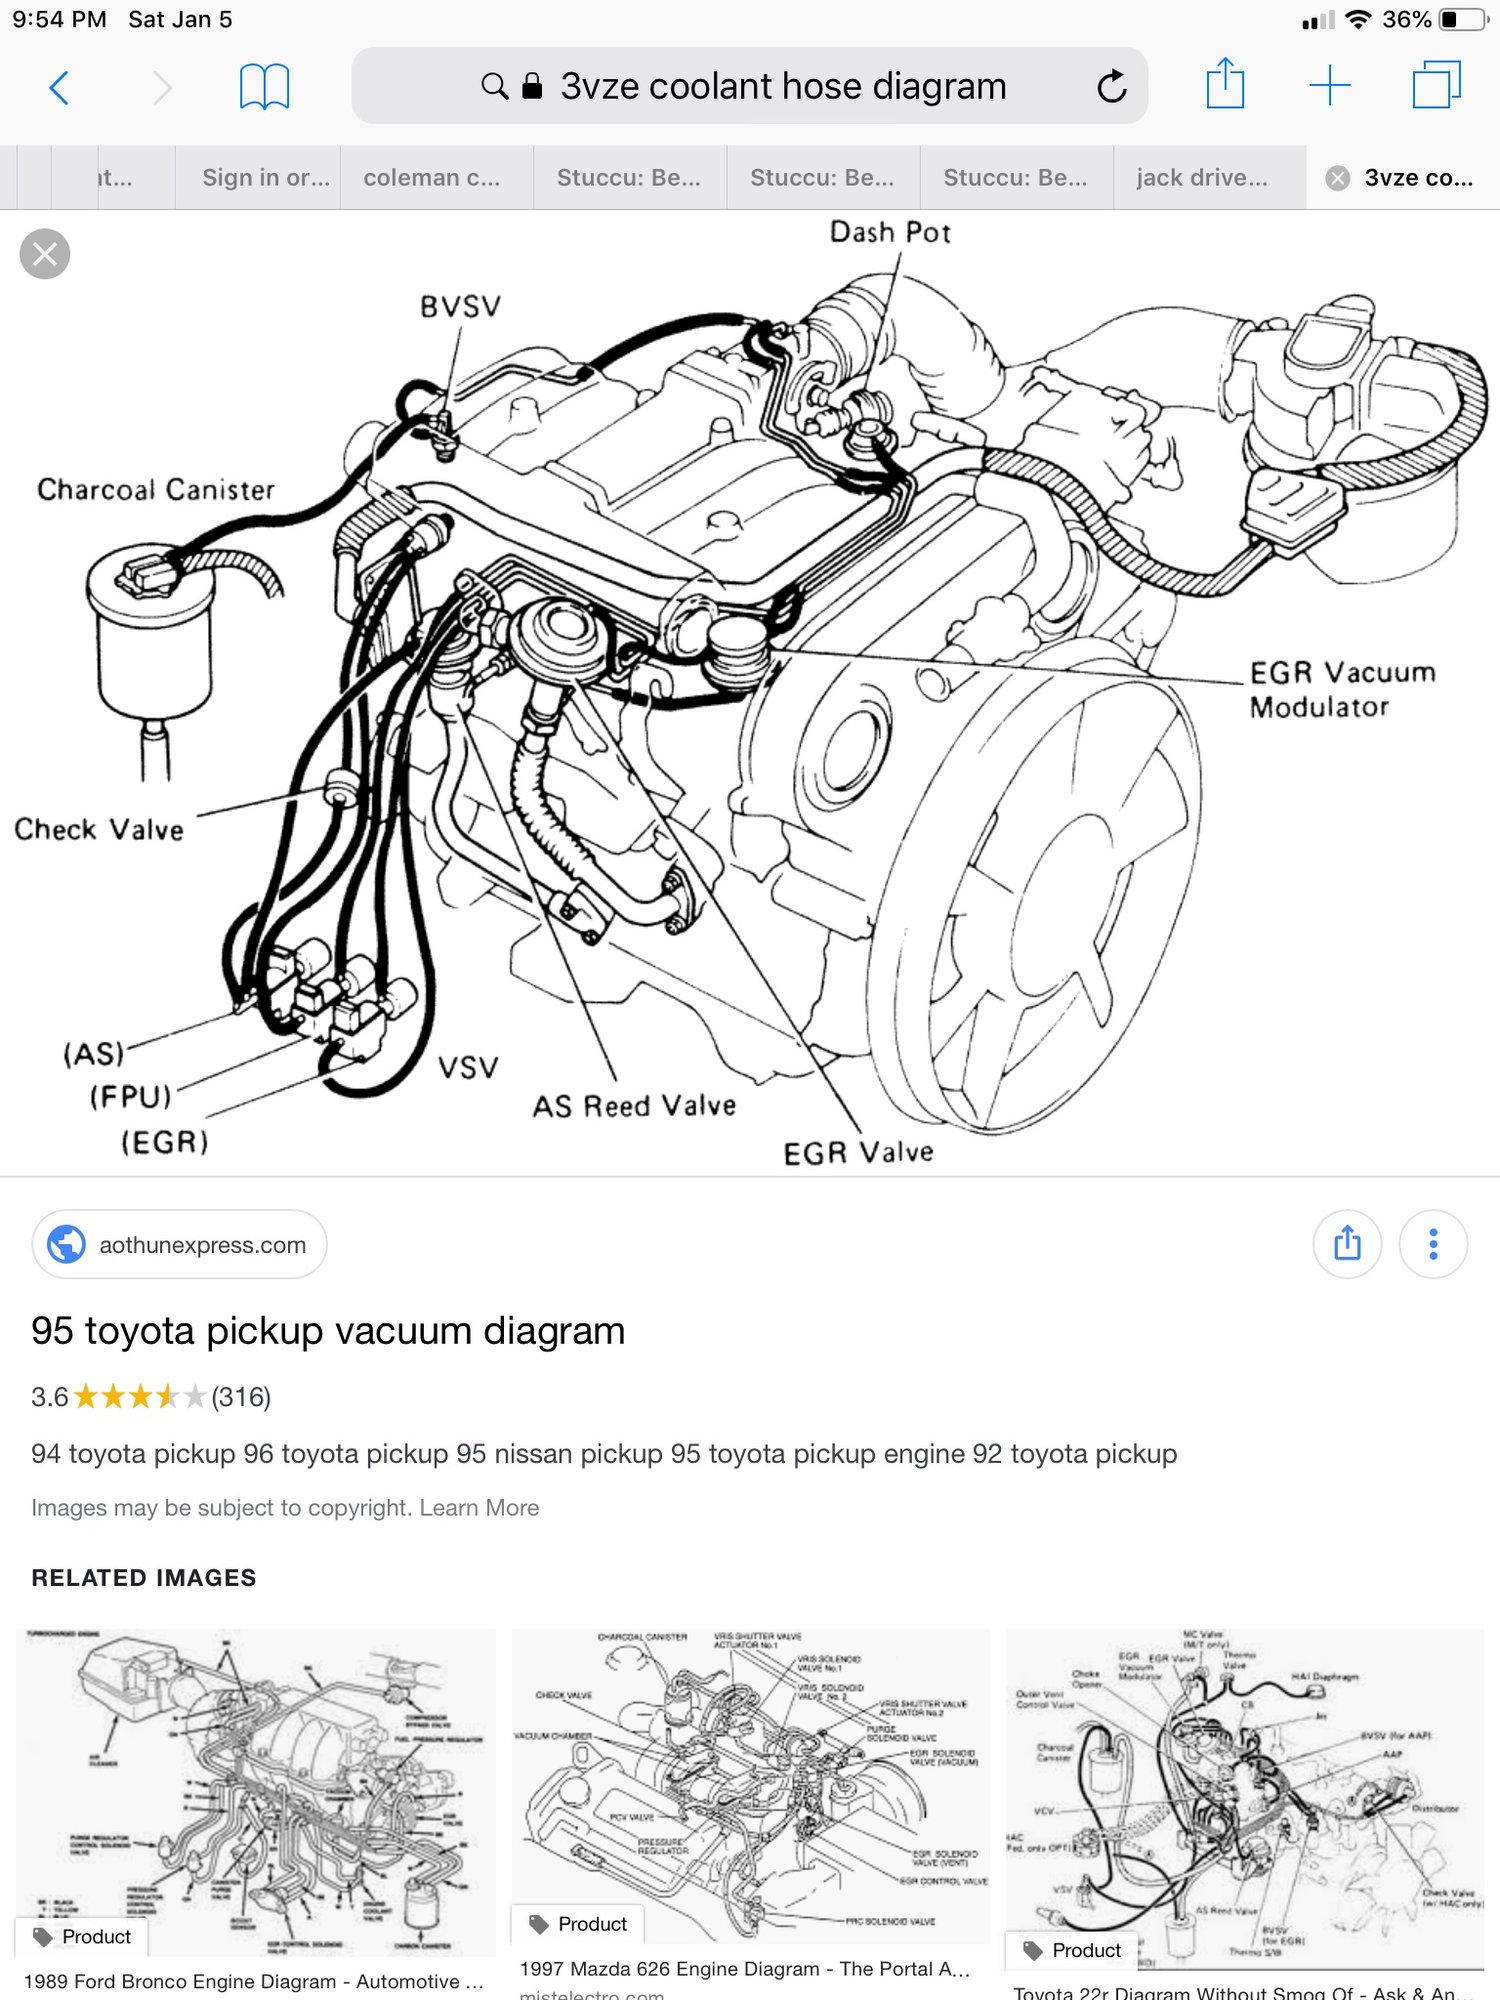 Mazda 626 Vacuum Hose Diagram